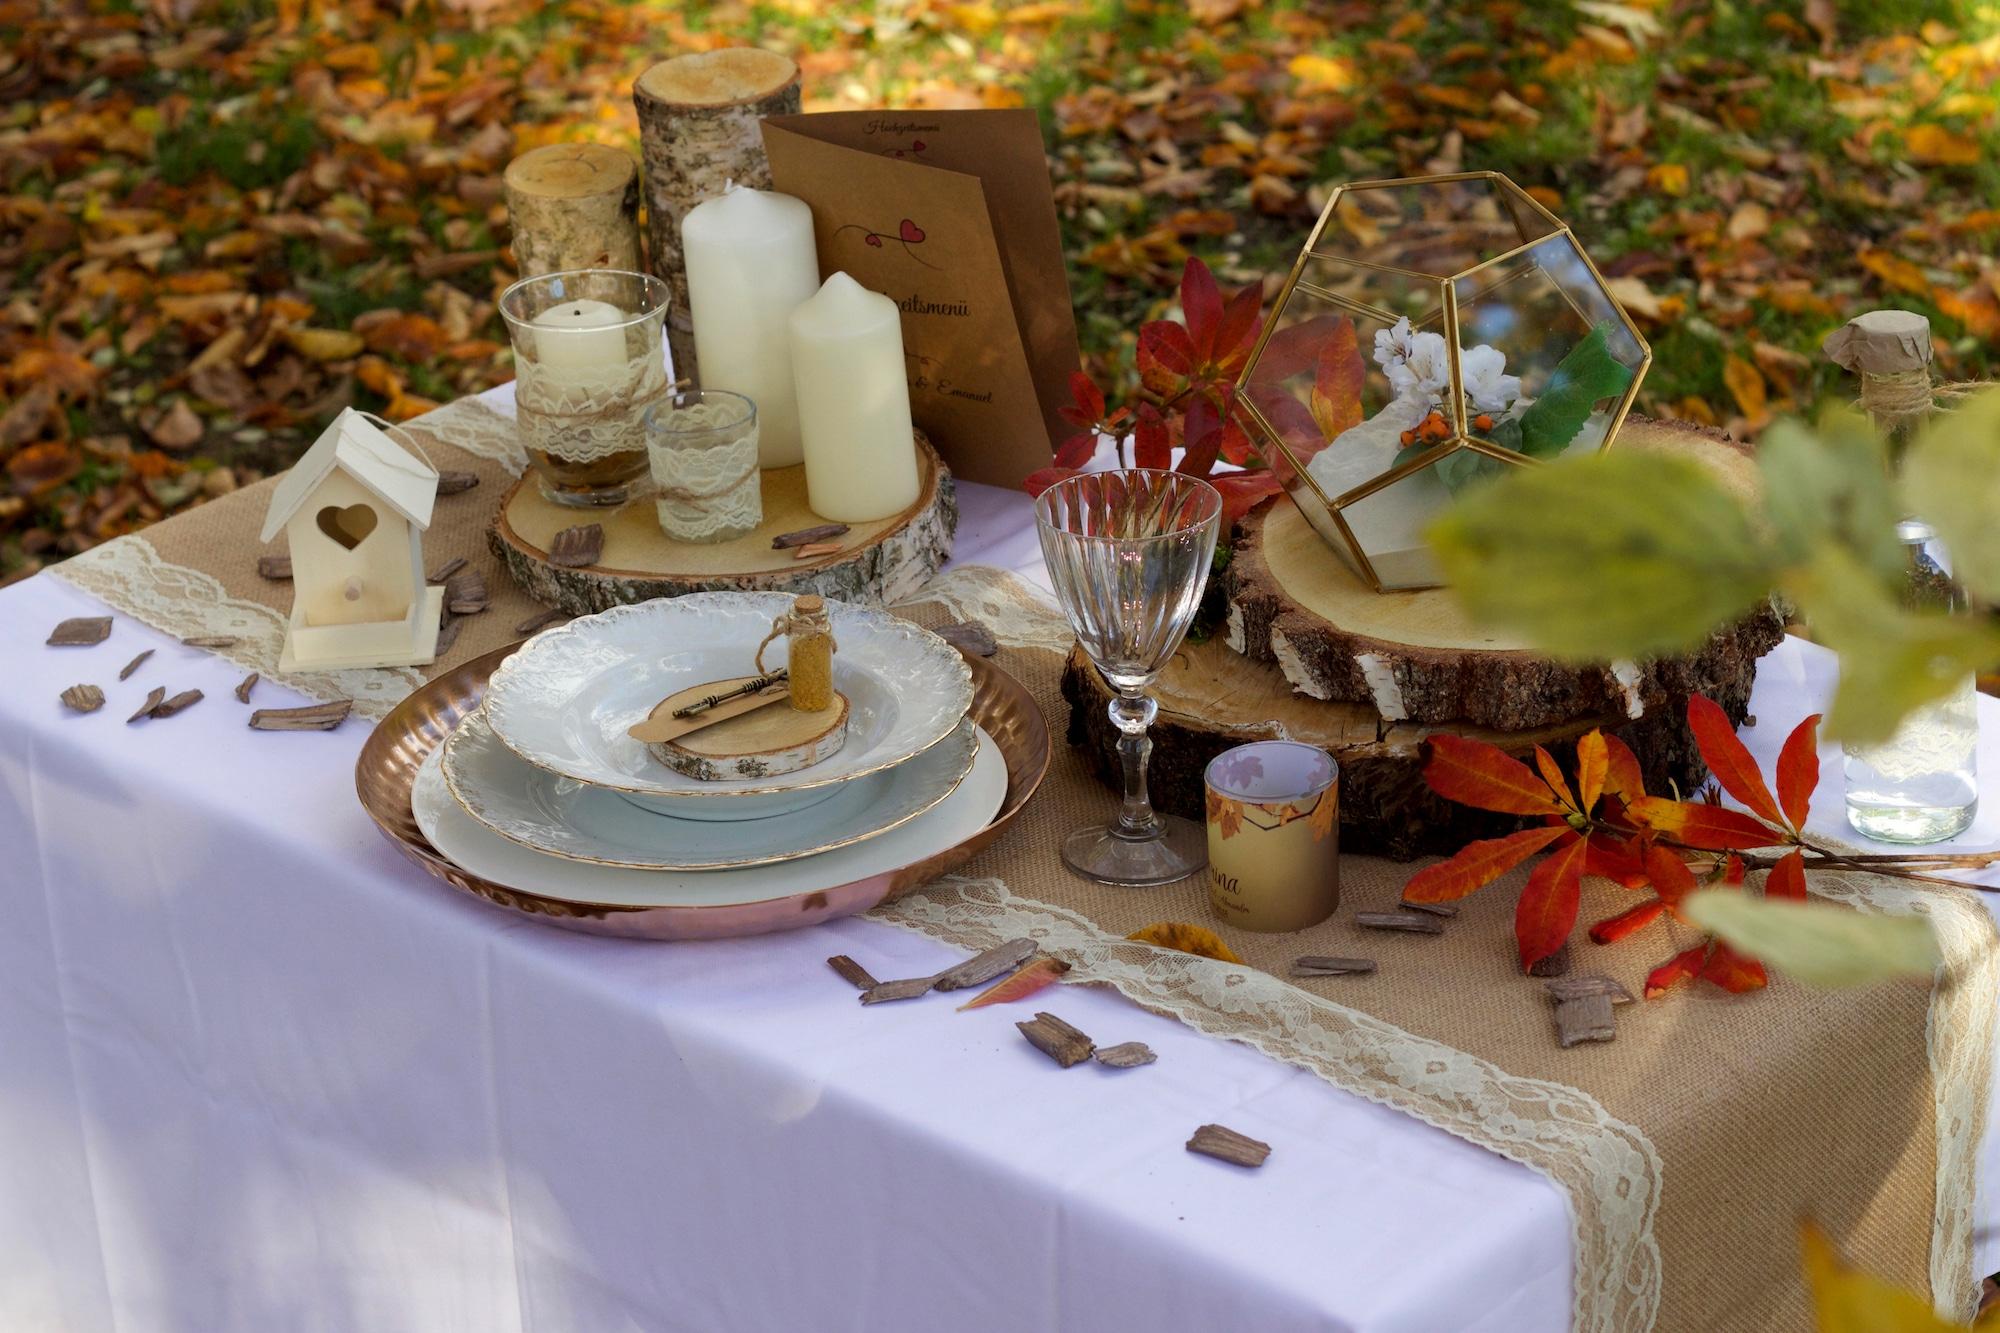 herbstlich dekorierter Tisch